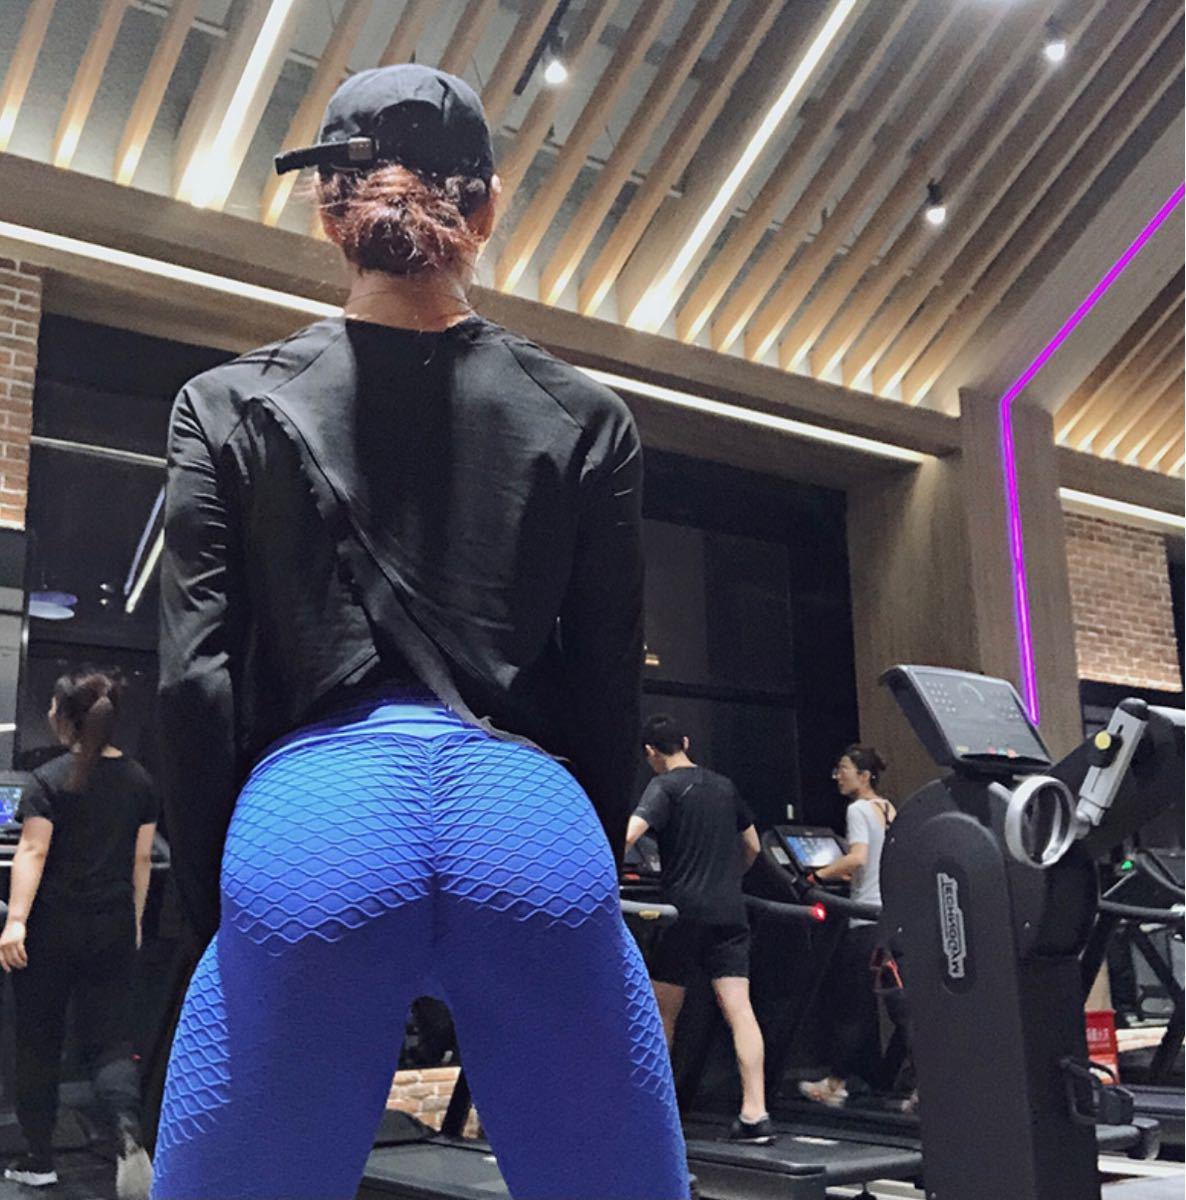 スパッツ ヨガパンツ レギンス ピンク 秋 伸縮性あり L スポーツ レディース 美脚 セクシー ヨガウェア トレーニングウェア